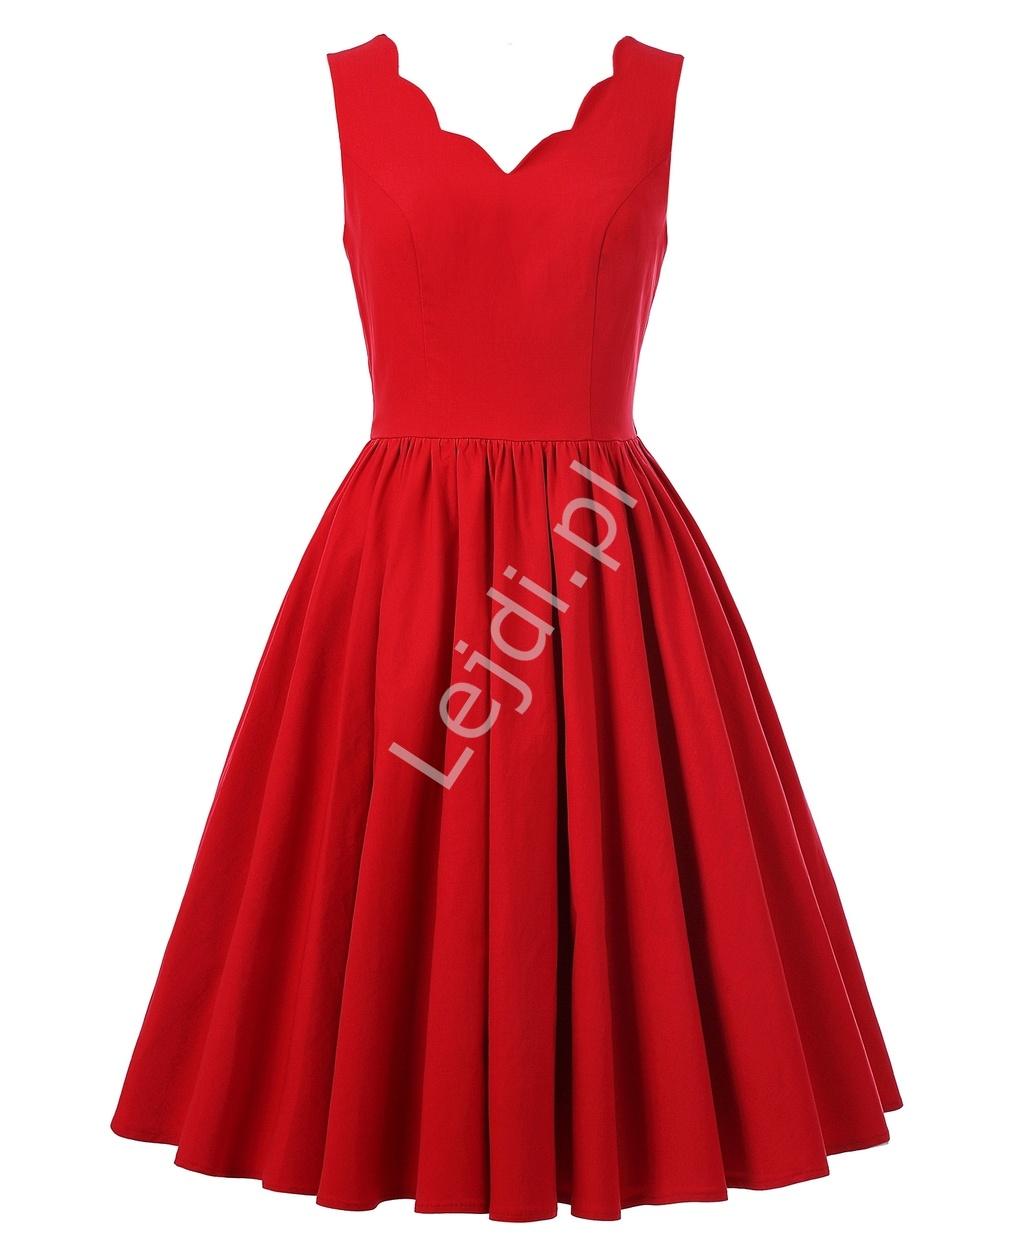 Czerwona rozkloszowana sukienka pin up na wesele, święta - Lejdi